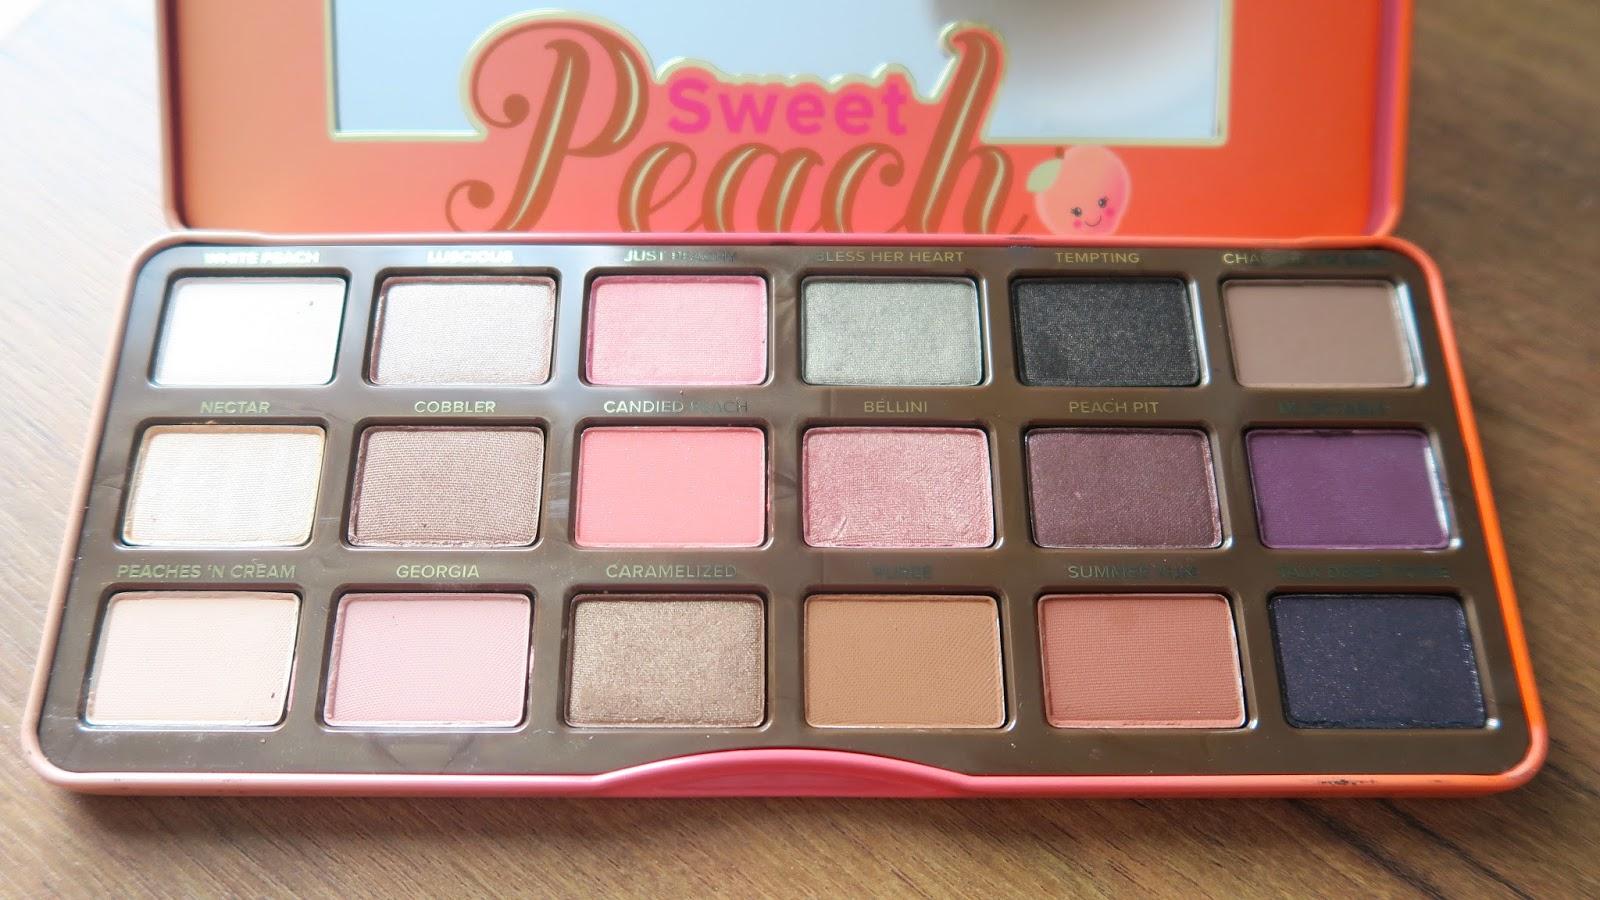 sweet peach palette # 86